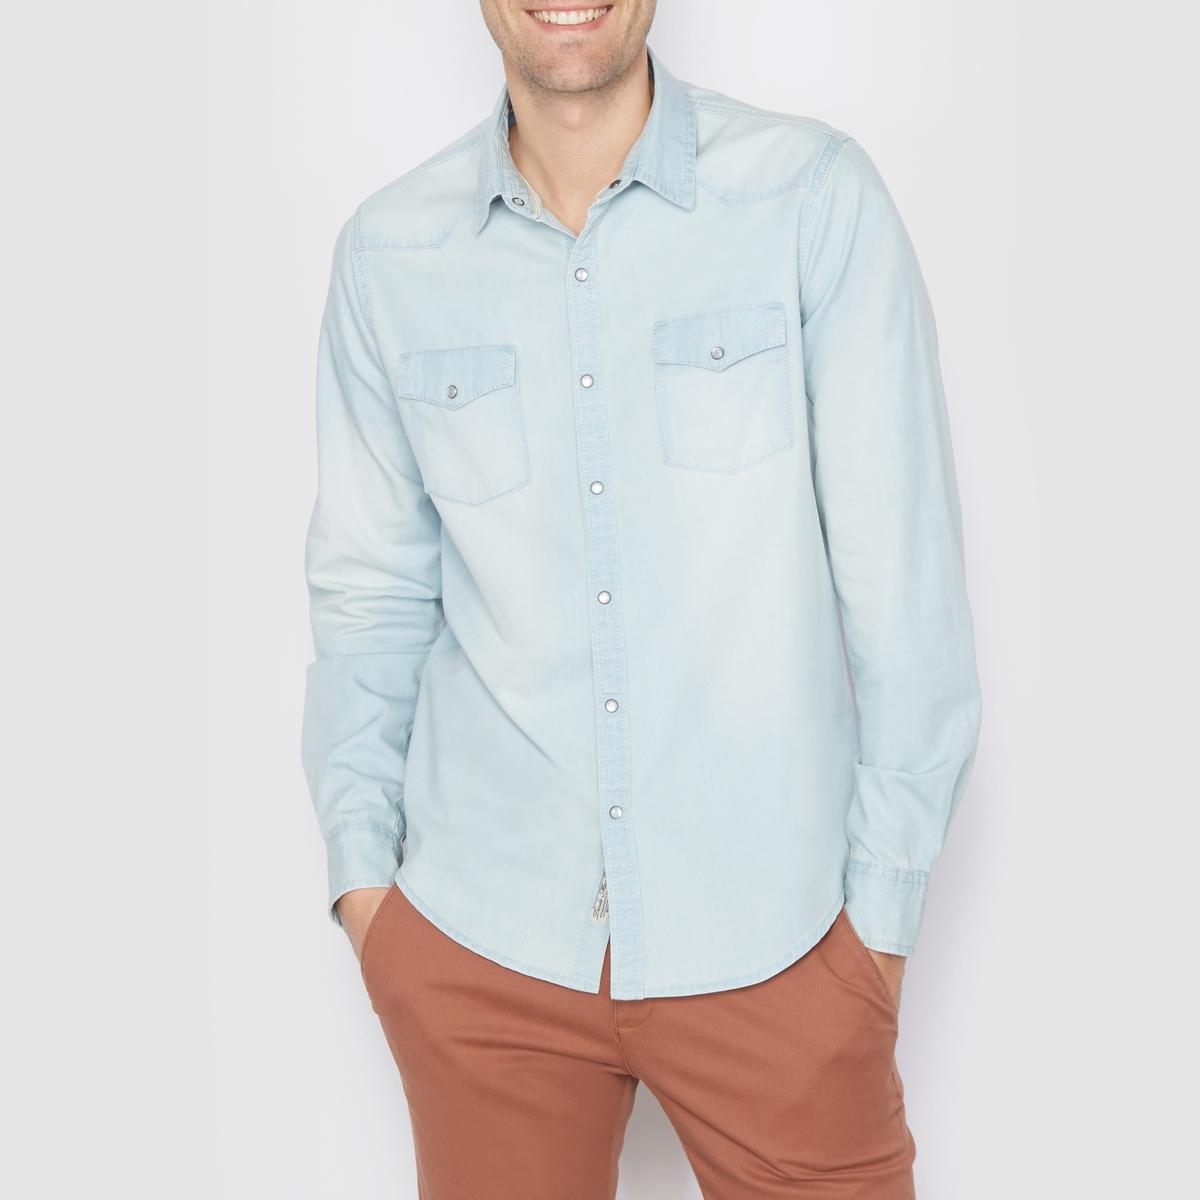 Рубашка джинсовая стандартного покроя. Длинные рукаваРубашка из денима, 100% хлопка . Стандартный (прямой) покрой  . В стиле вестерн . Застежка на кнопки . 2 нагрудных кармана с клапанами на кнопках . Длинные рукава . Длина 77 см .<br><br>Цвет: выбеленный<br>Размер: 47/48